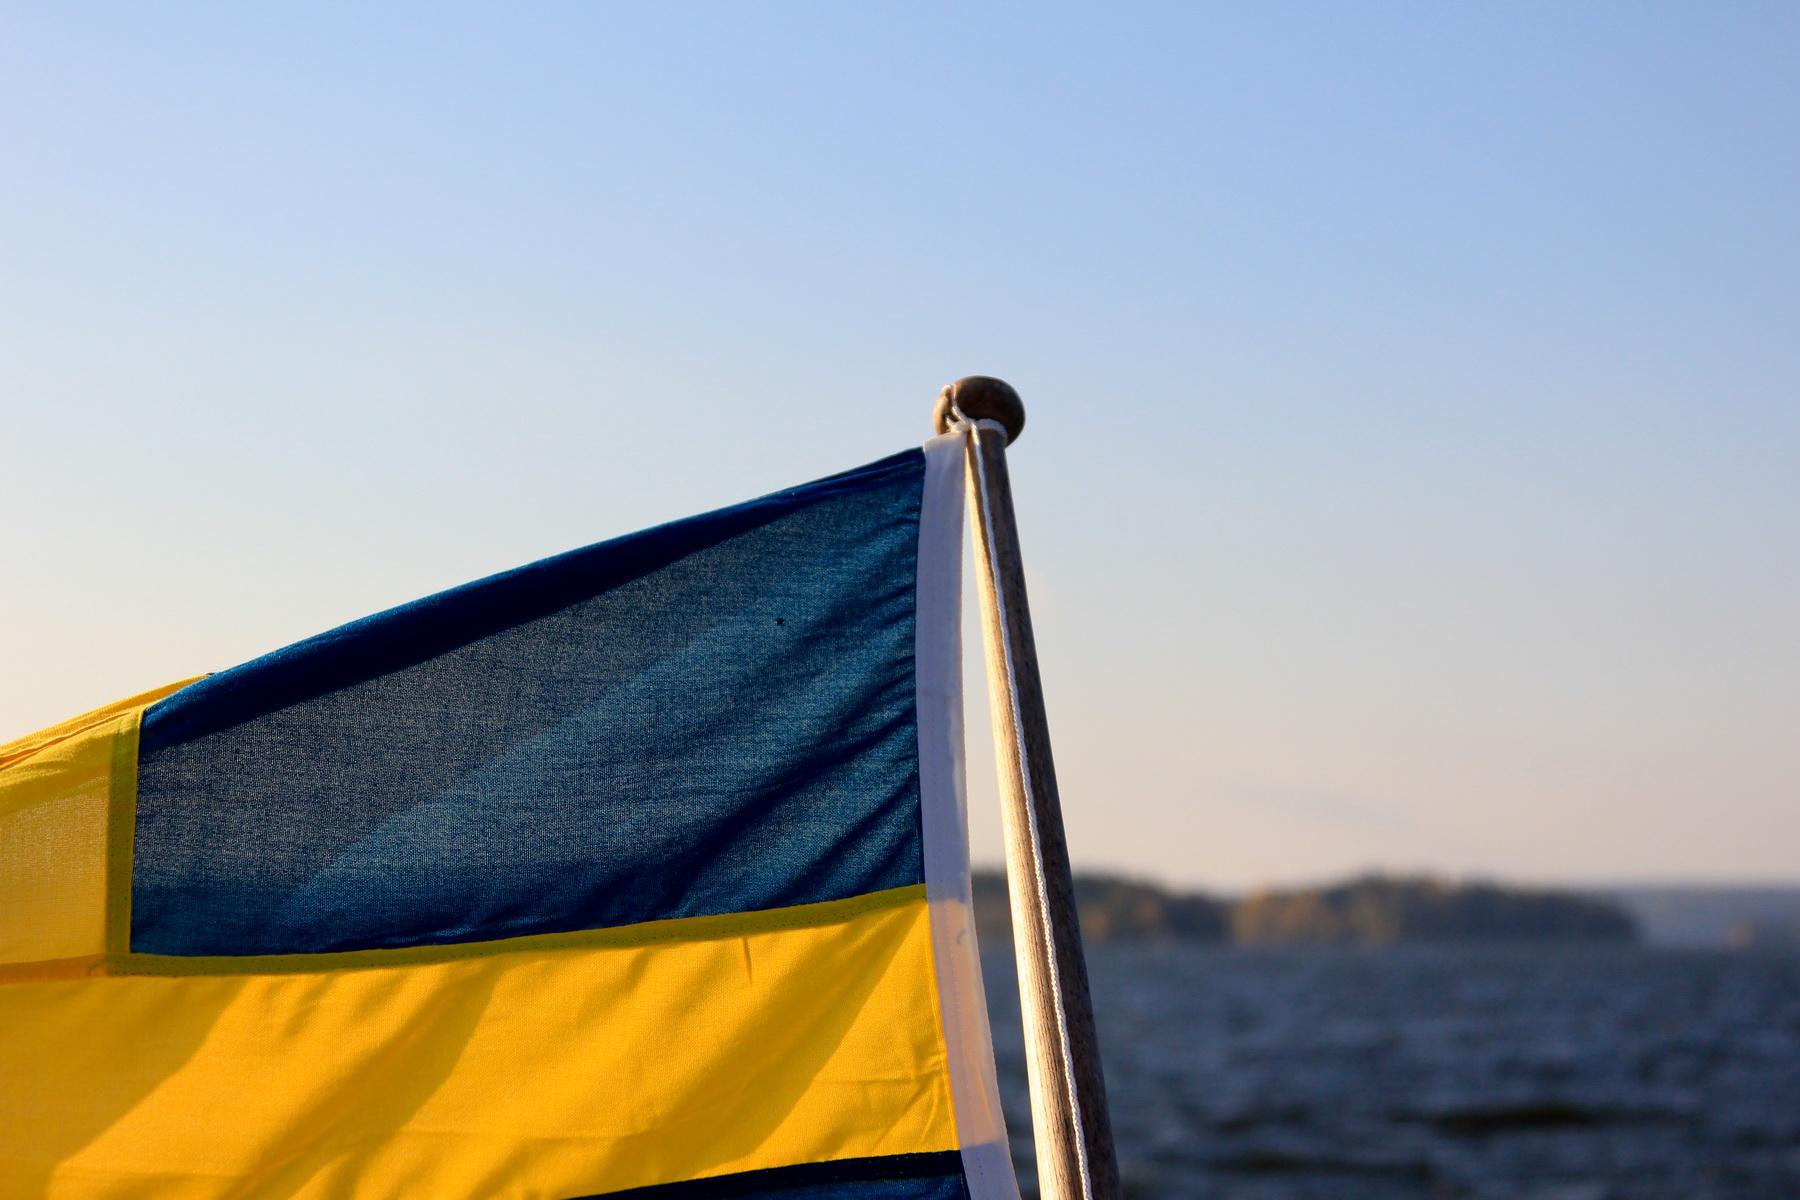 närbild-svensk-flagga-på-båt